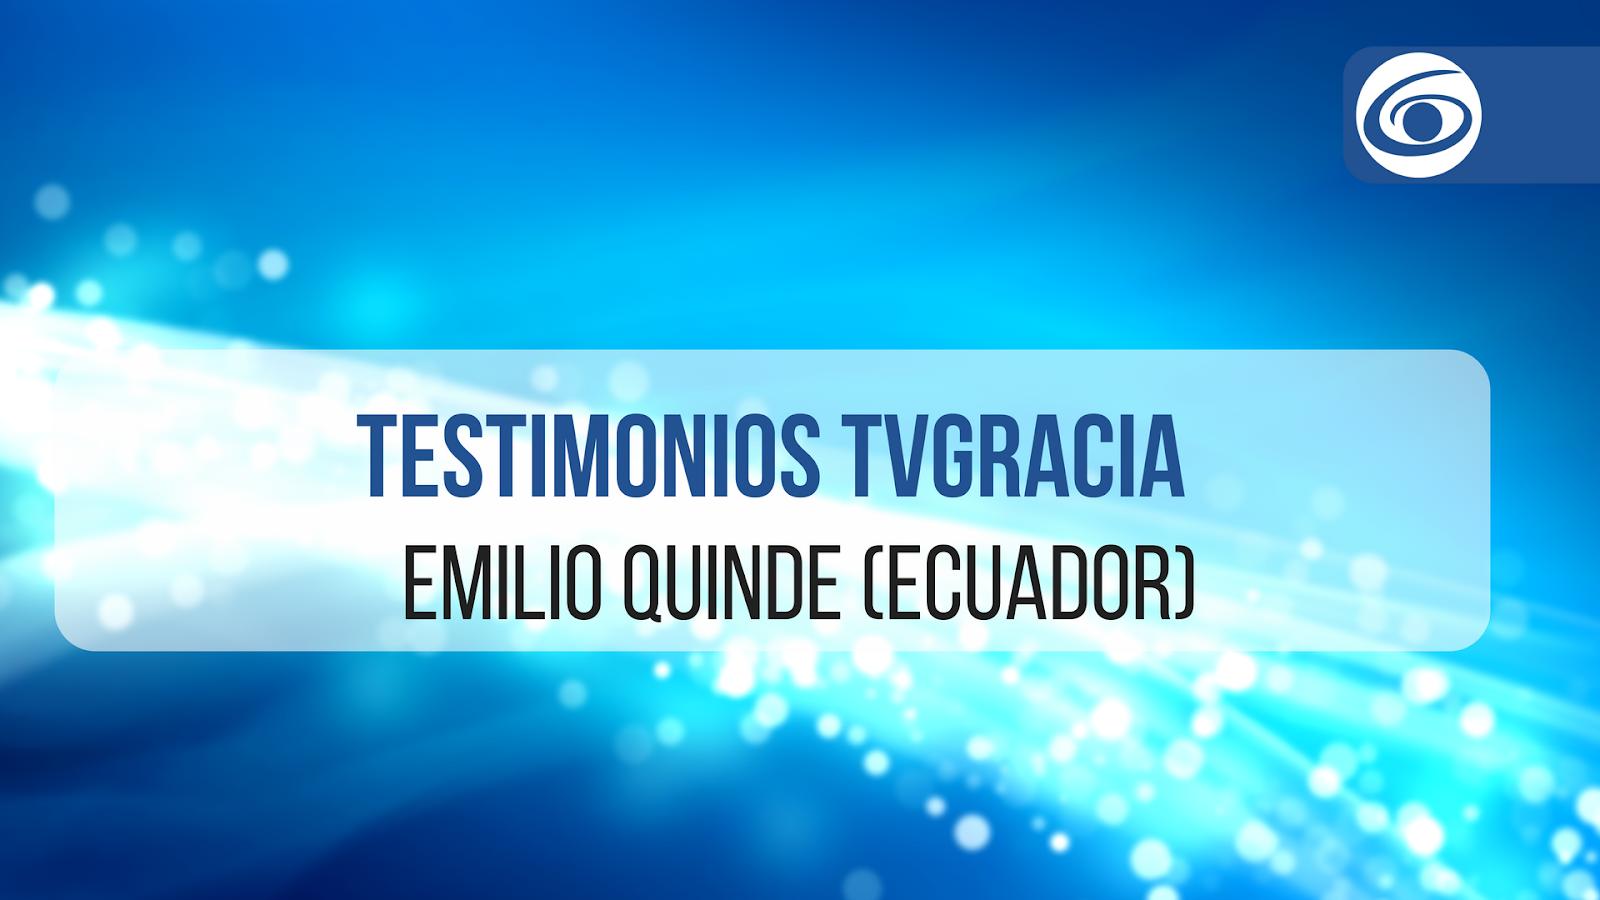 Testimonios TVGracia Emilio Quinde Ecuador